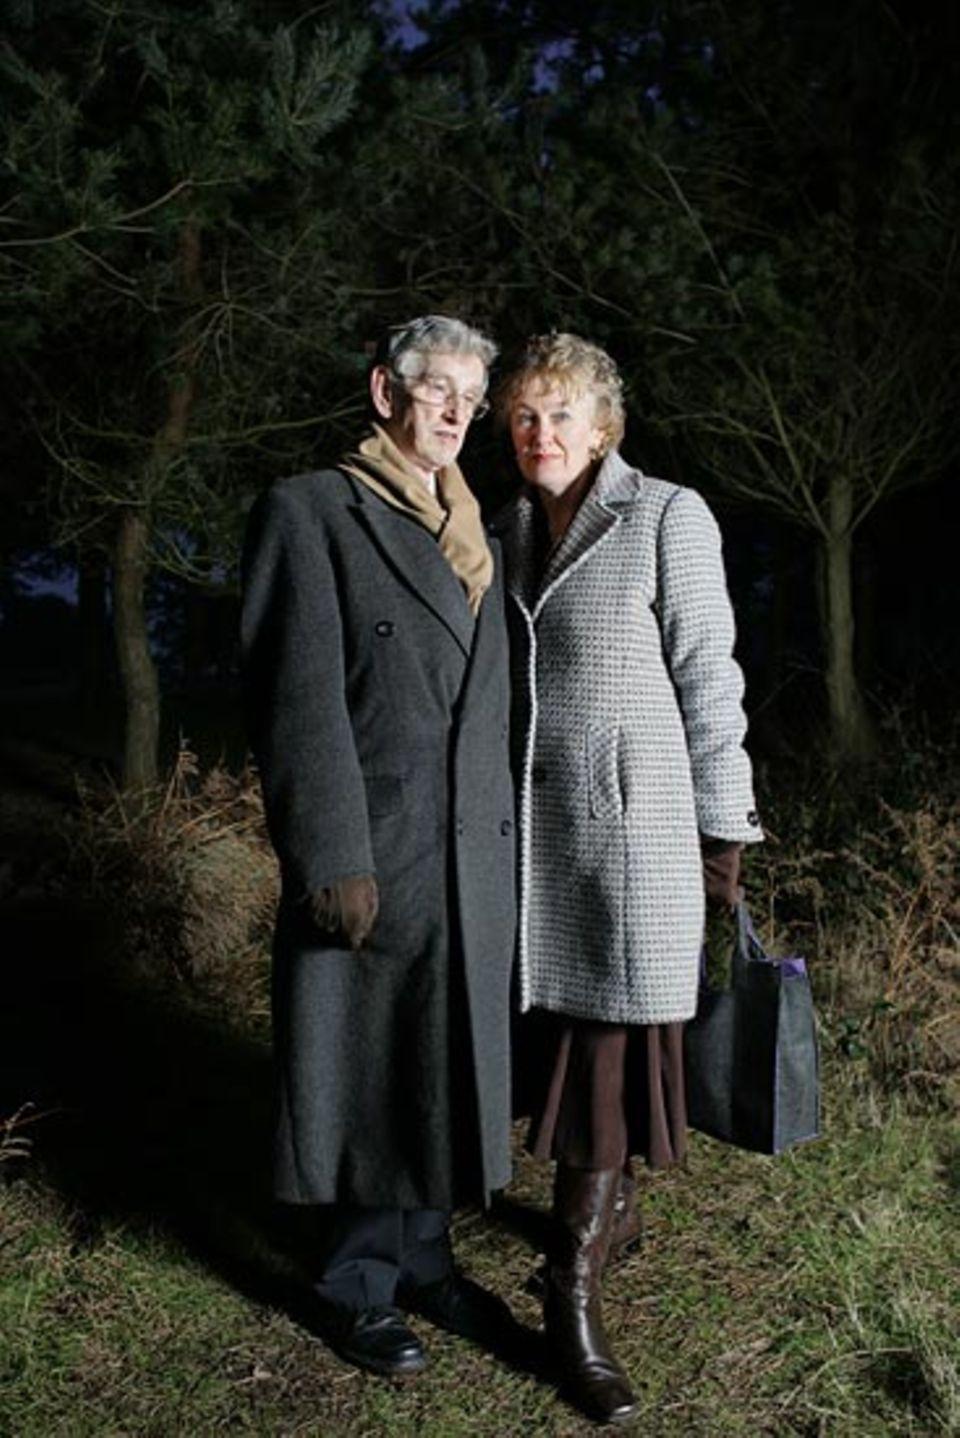 Wenn Clive Wearing die Stimme seiner Frau hört, stürzt er ihr jedes Mal entgegen und schließt sie so leidenschaftlich in die Arme, als sei sie lange weg gewesen